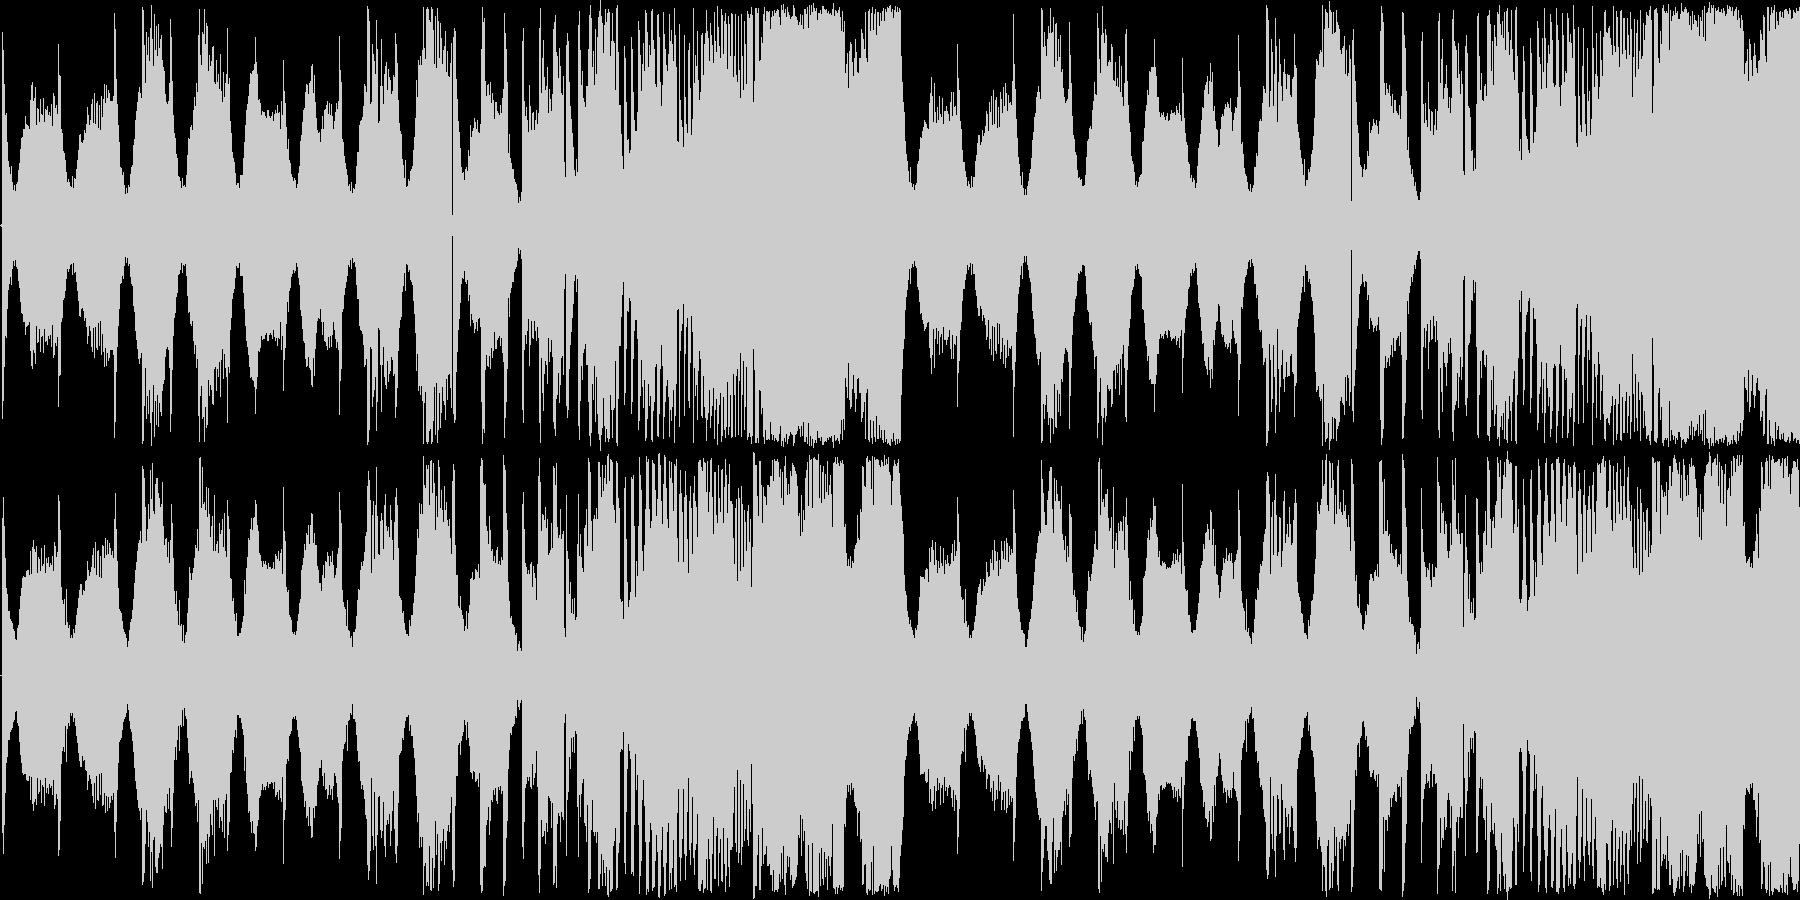 【アップテンポなシンセロック】の未再生の波形